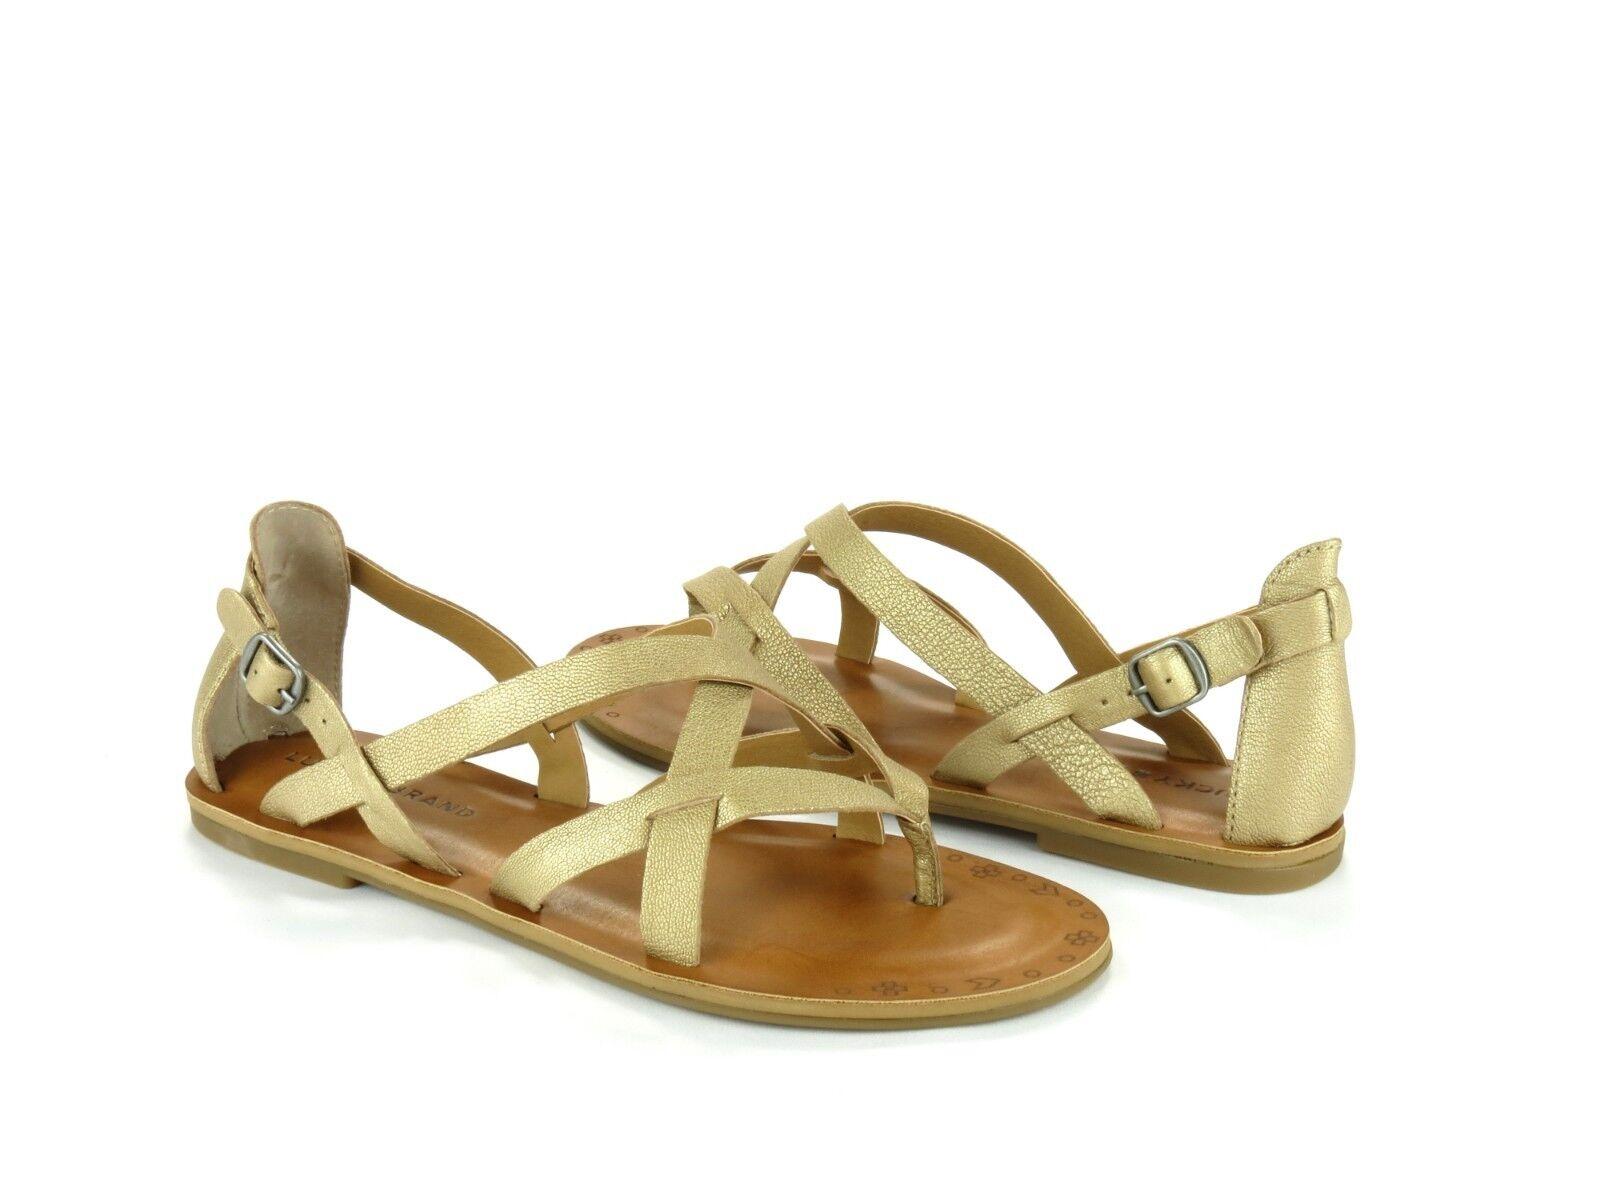 Lucky Brand Brand Brand Ainsley Traverdeino oro Cuero Casuales Boho Con Tiras Sandalias Nuevas 9.5  Seleccione de las marcas más nuevas como